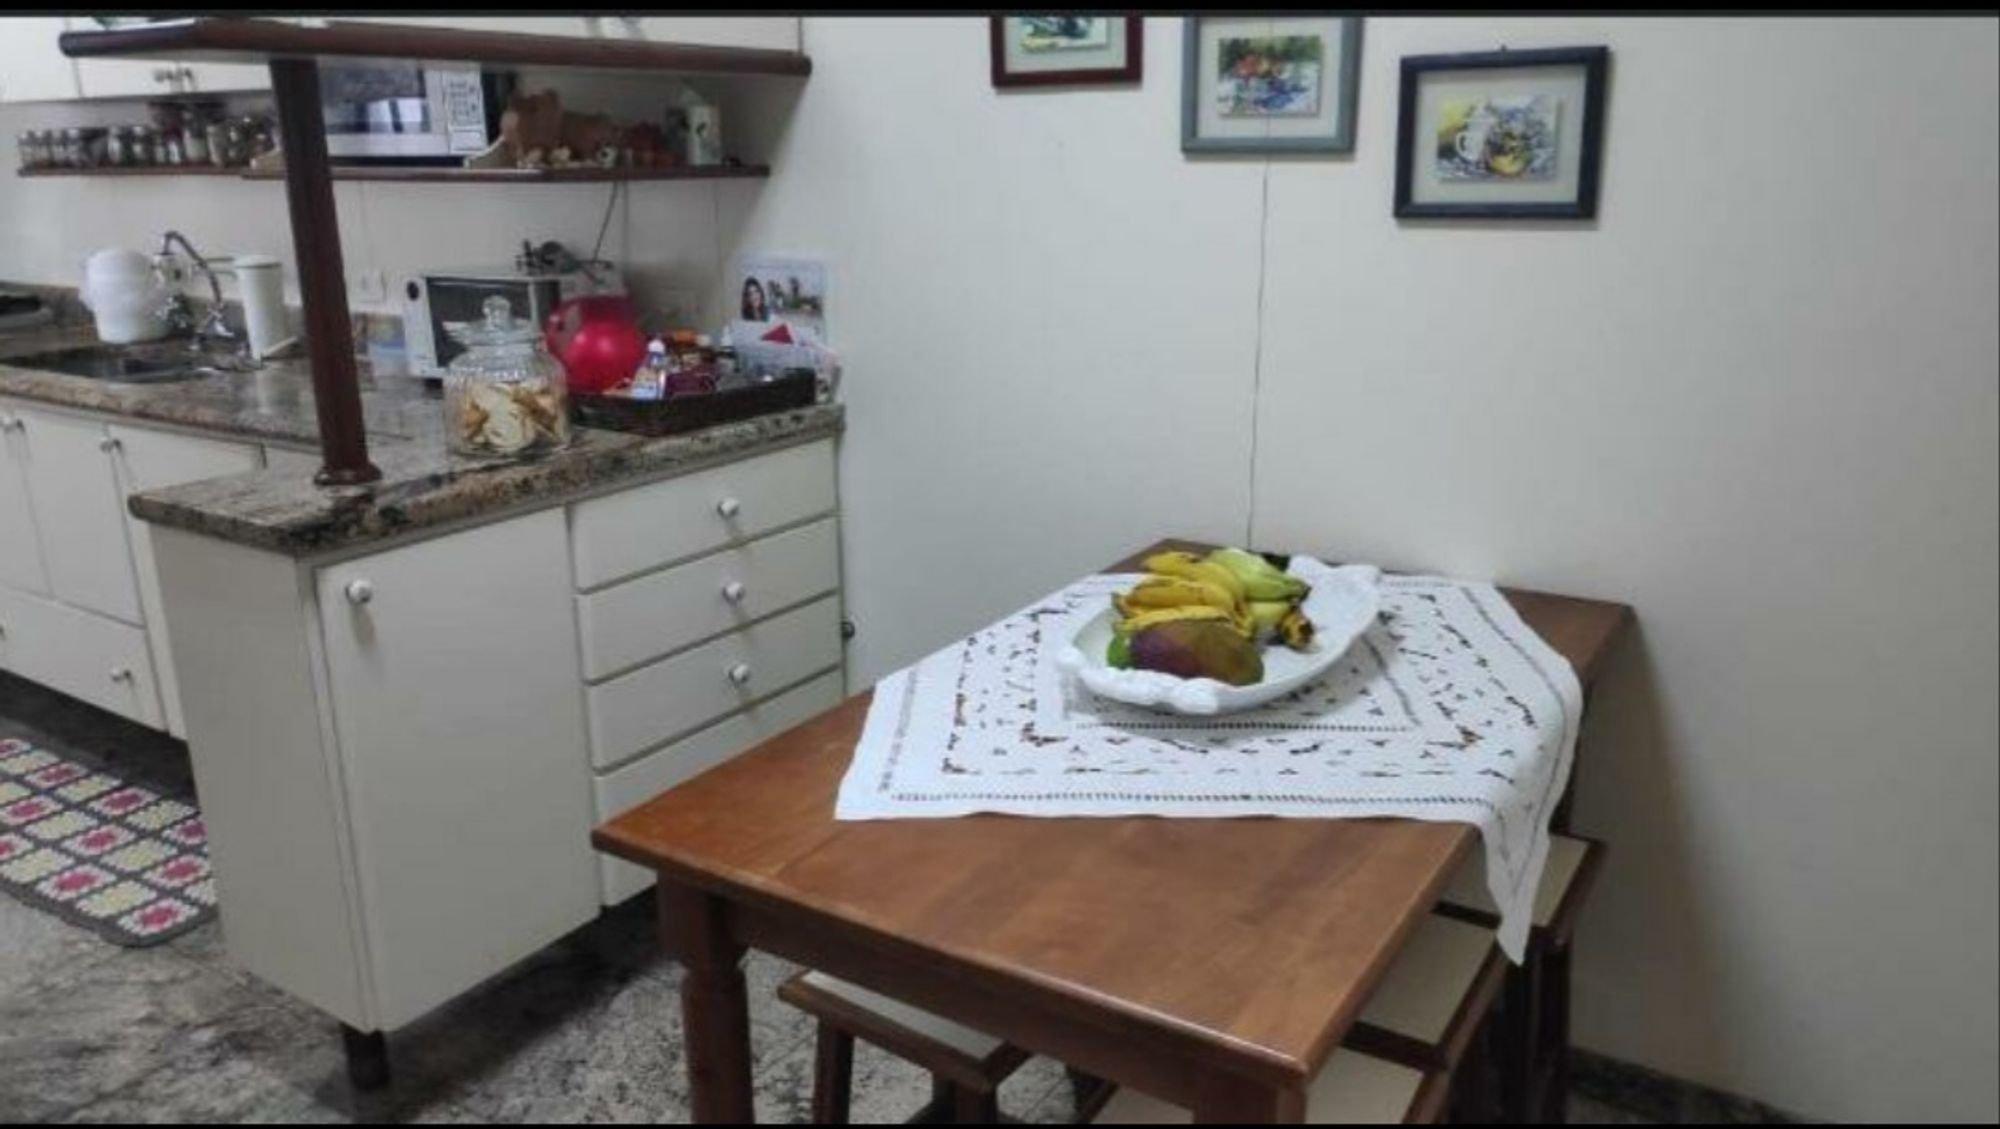 Foto de Cozinha com mesa de jantar, garrafa